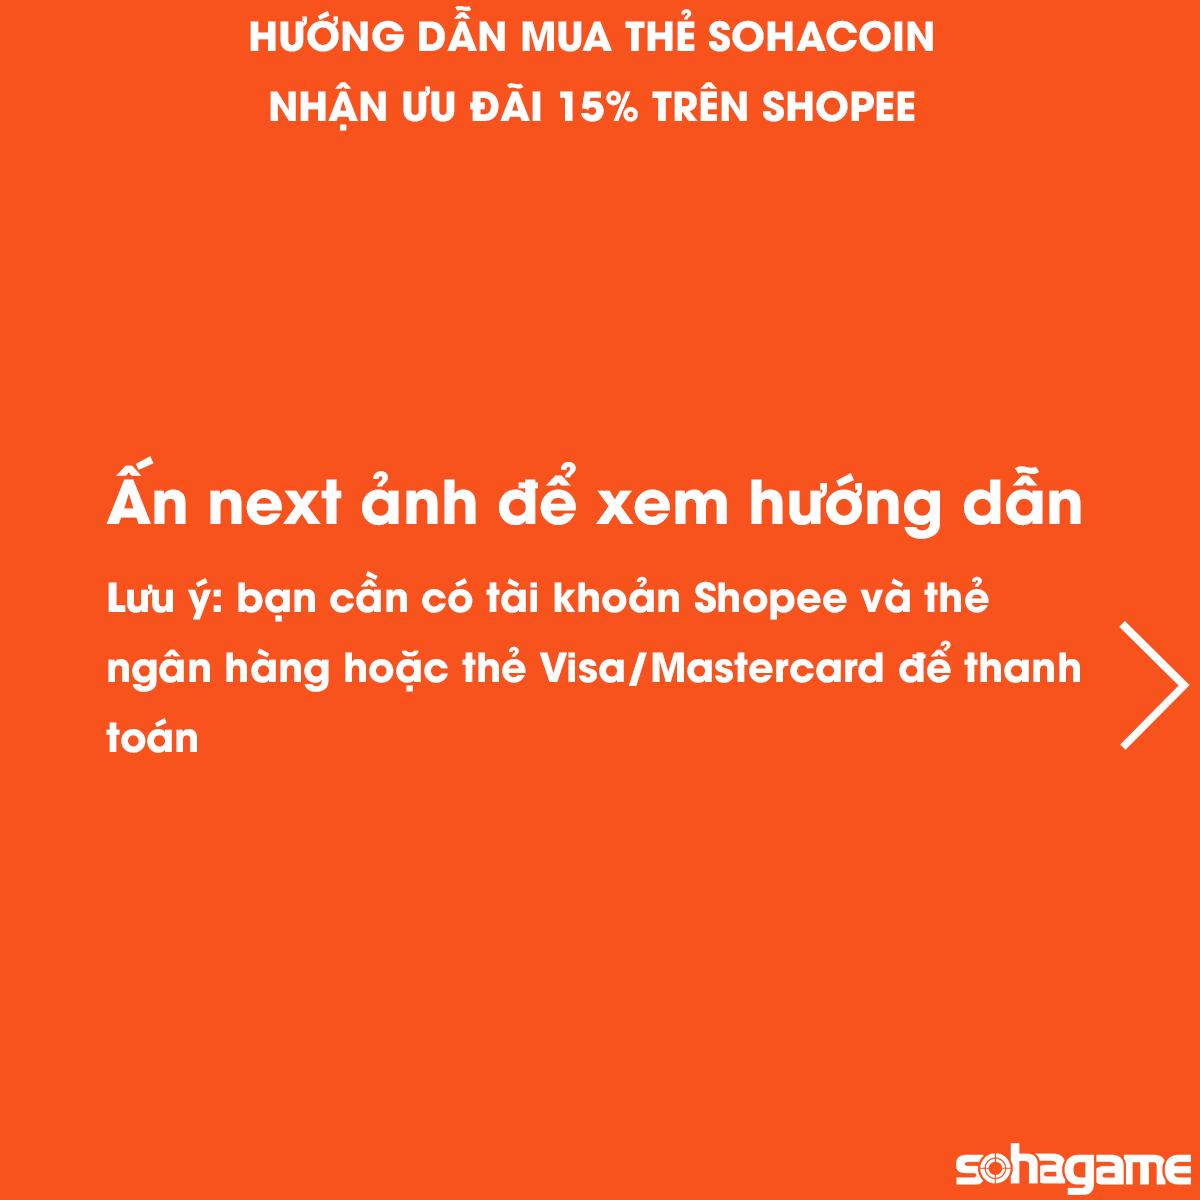 [SỰ KIỆN] KHUYẾN MÃI ĐẶC BIỆT - GIẢM 15% KHI MUA THẺ SOHACOIN TRÊN SHOPEE - 2